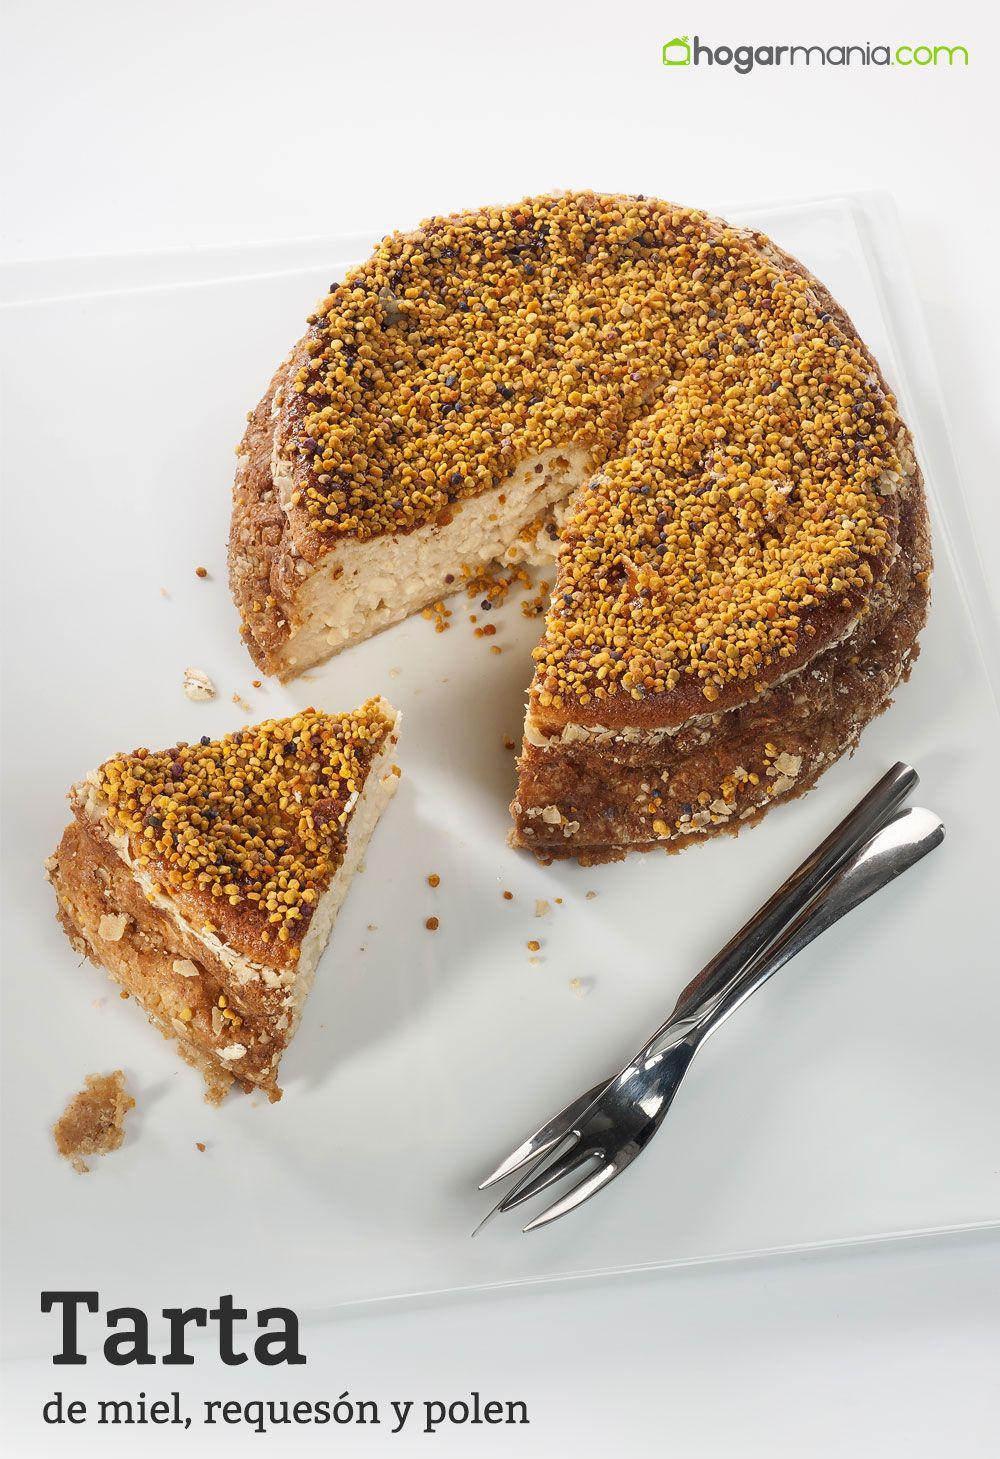 Tarta de miel, requesón y polen